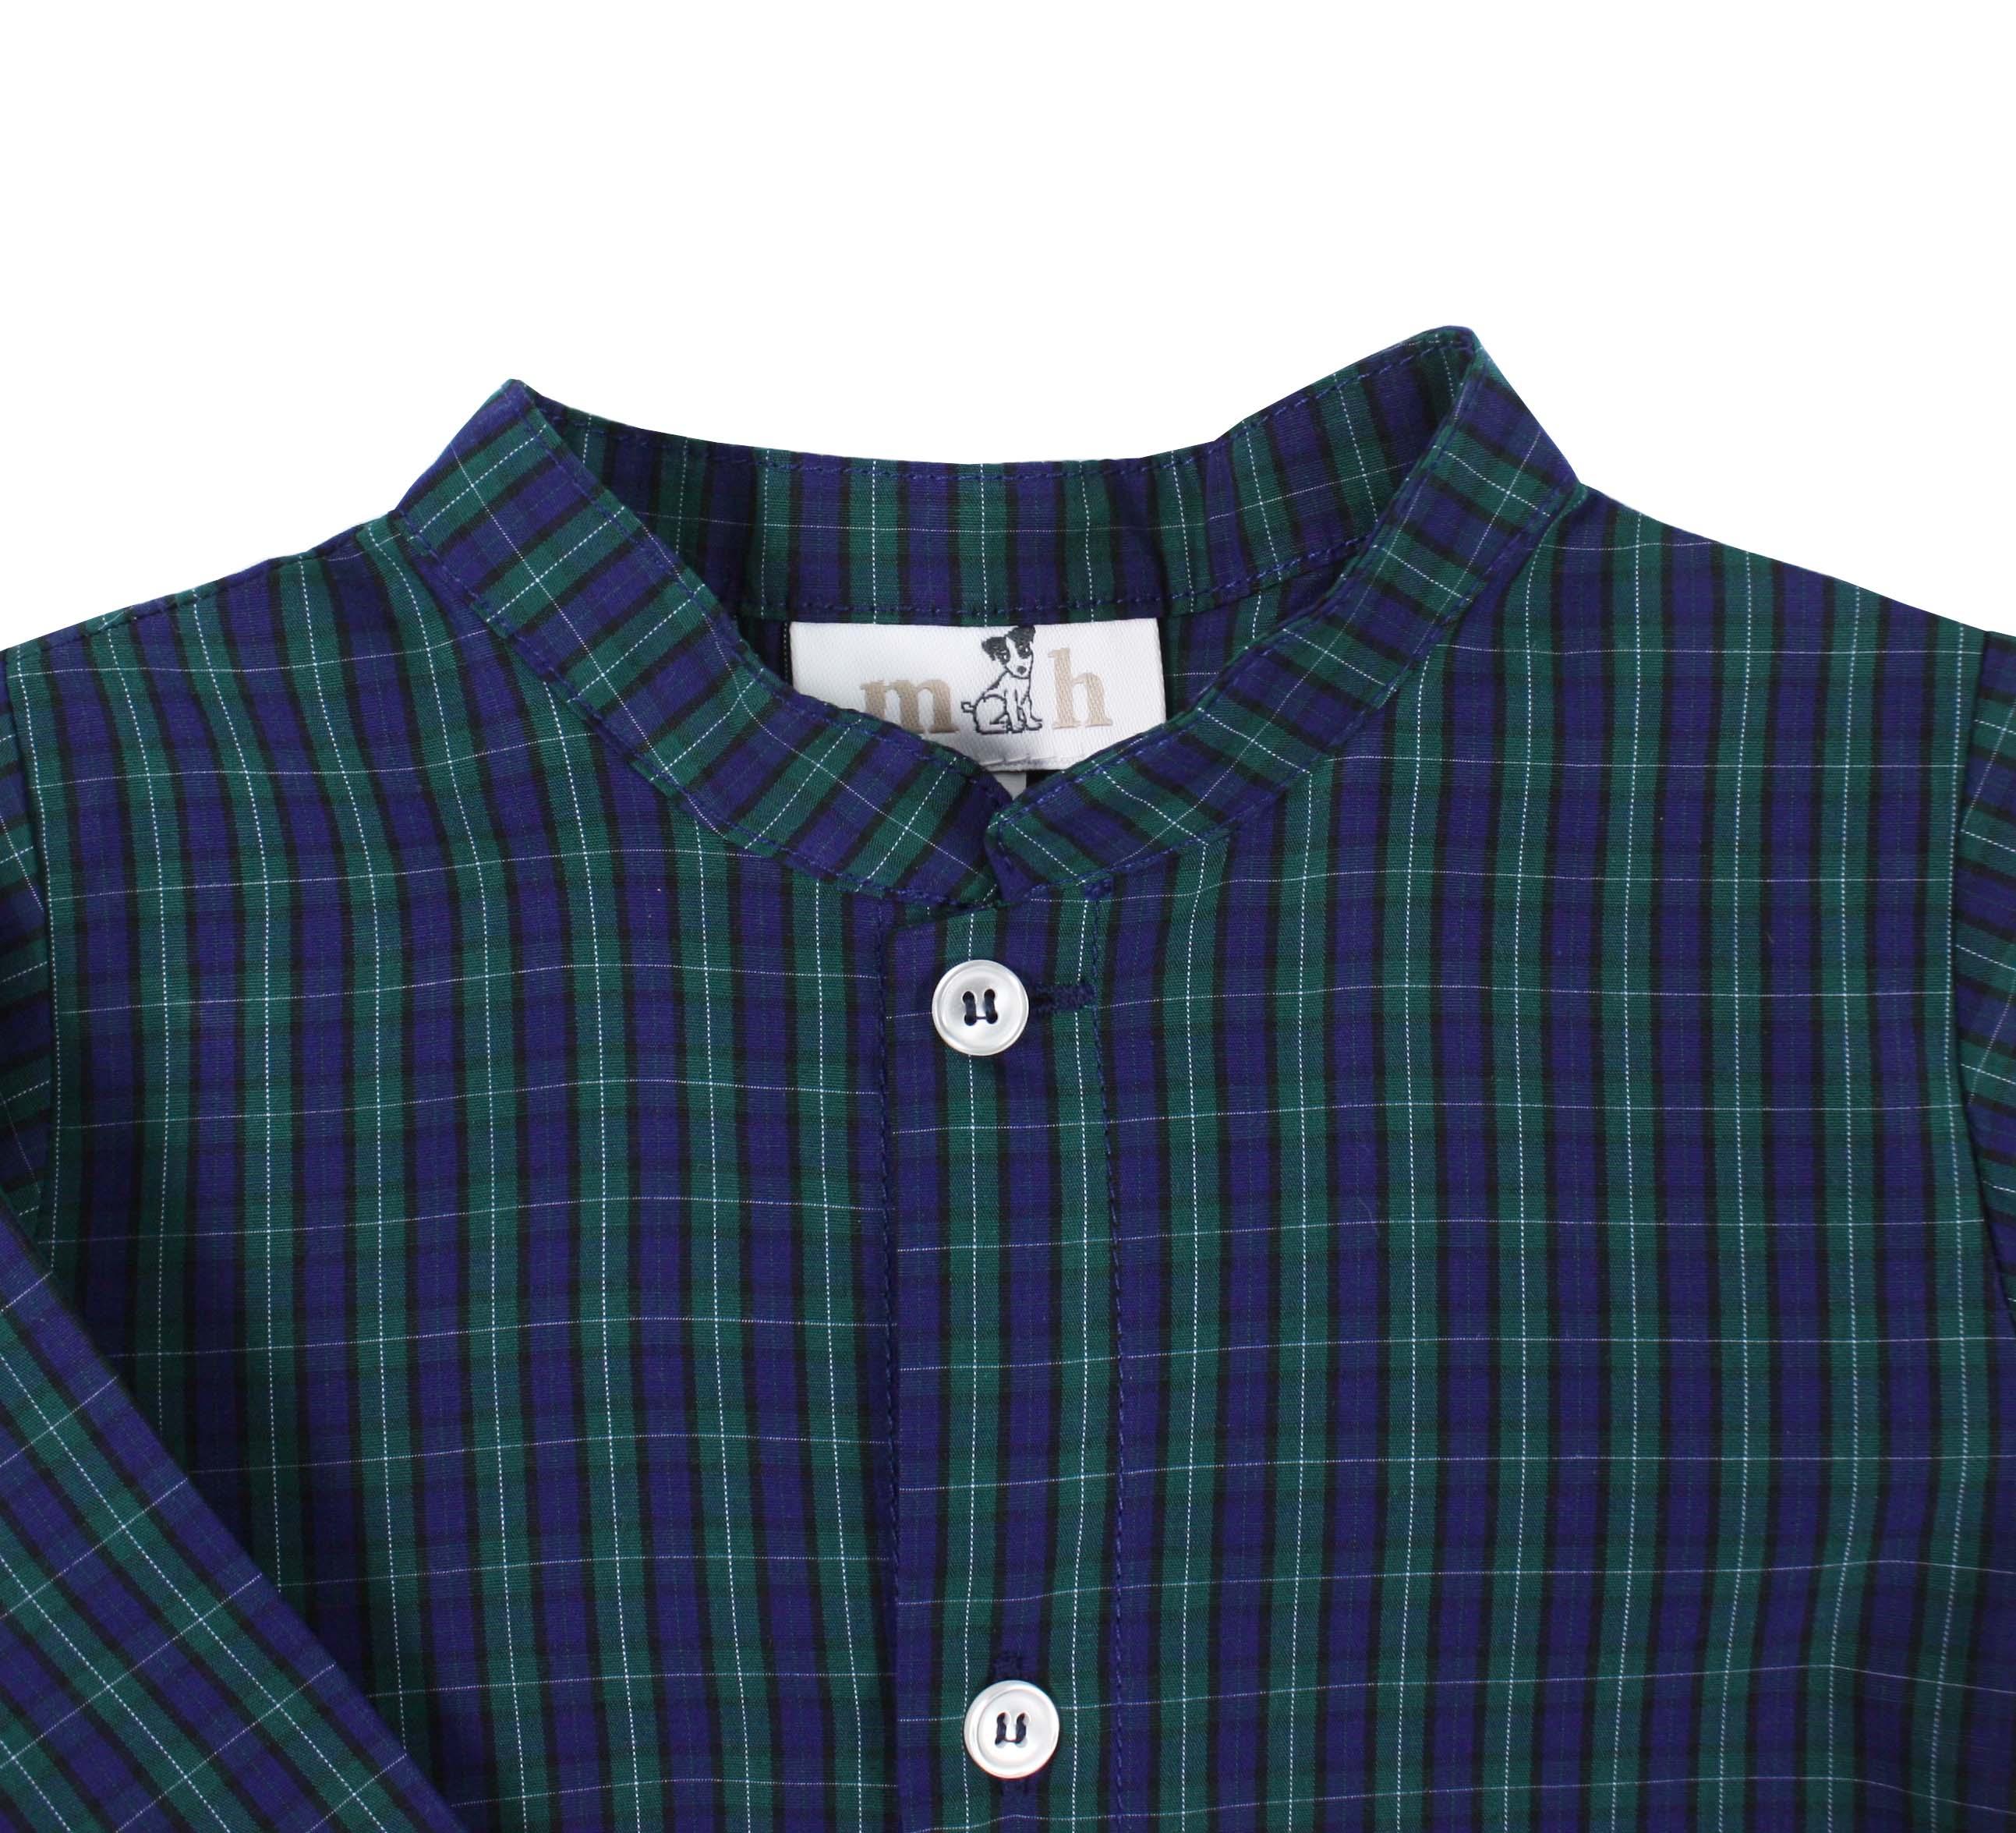 e5e3f772f Camisa manga larga cuadros verde y azul cuello mao